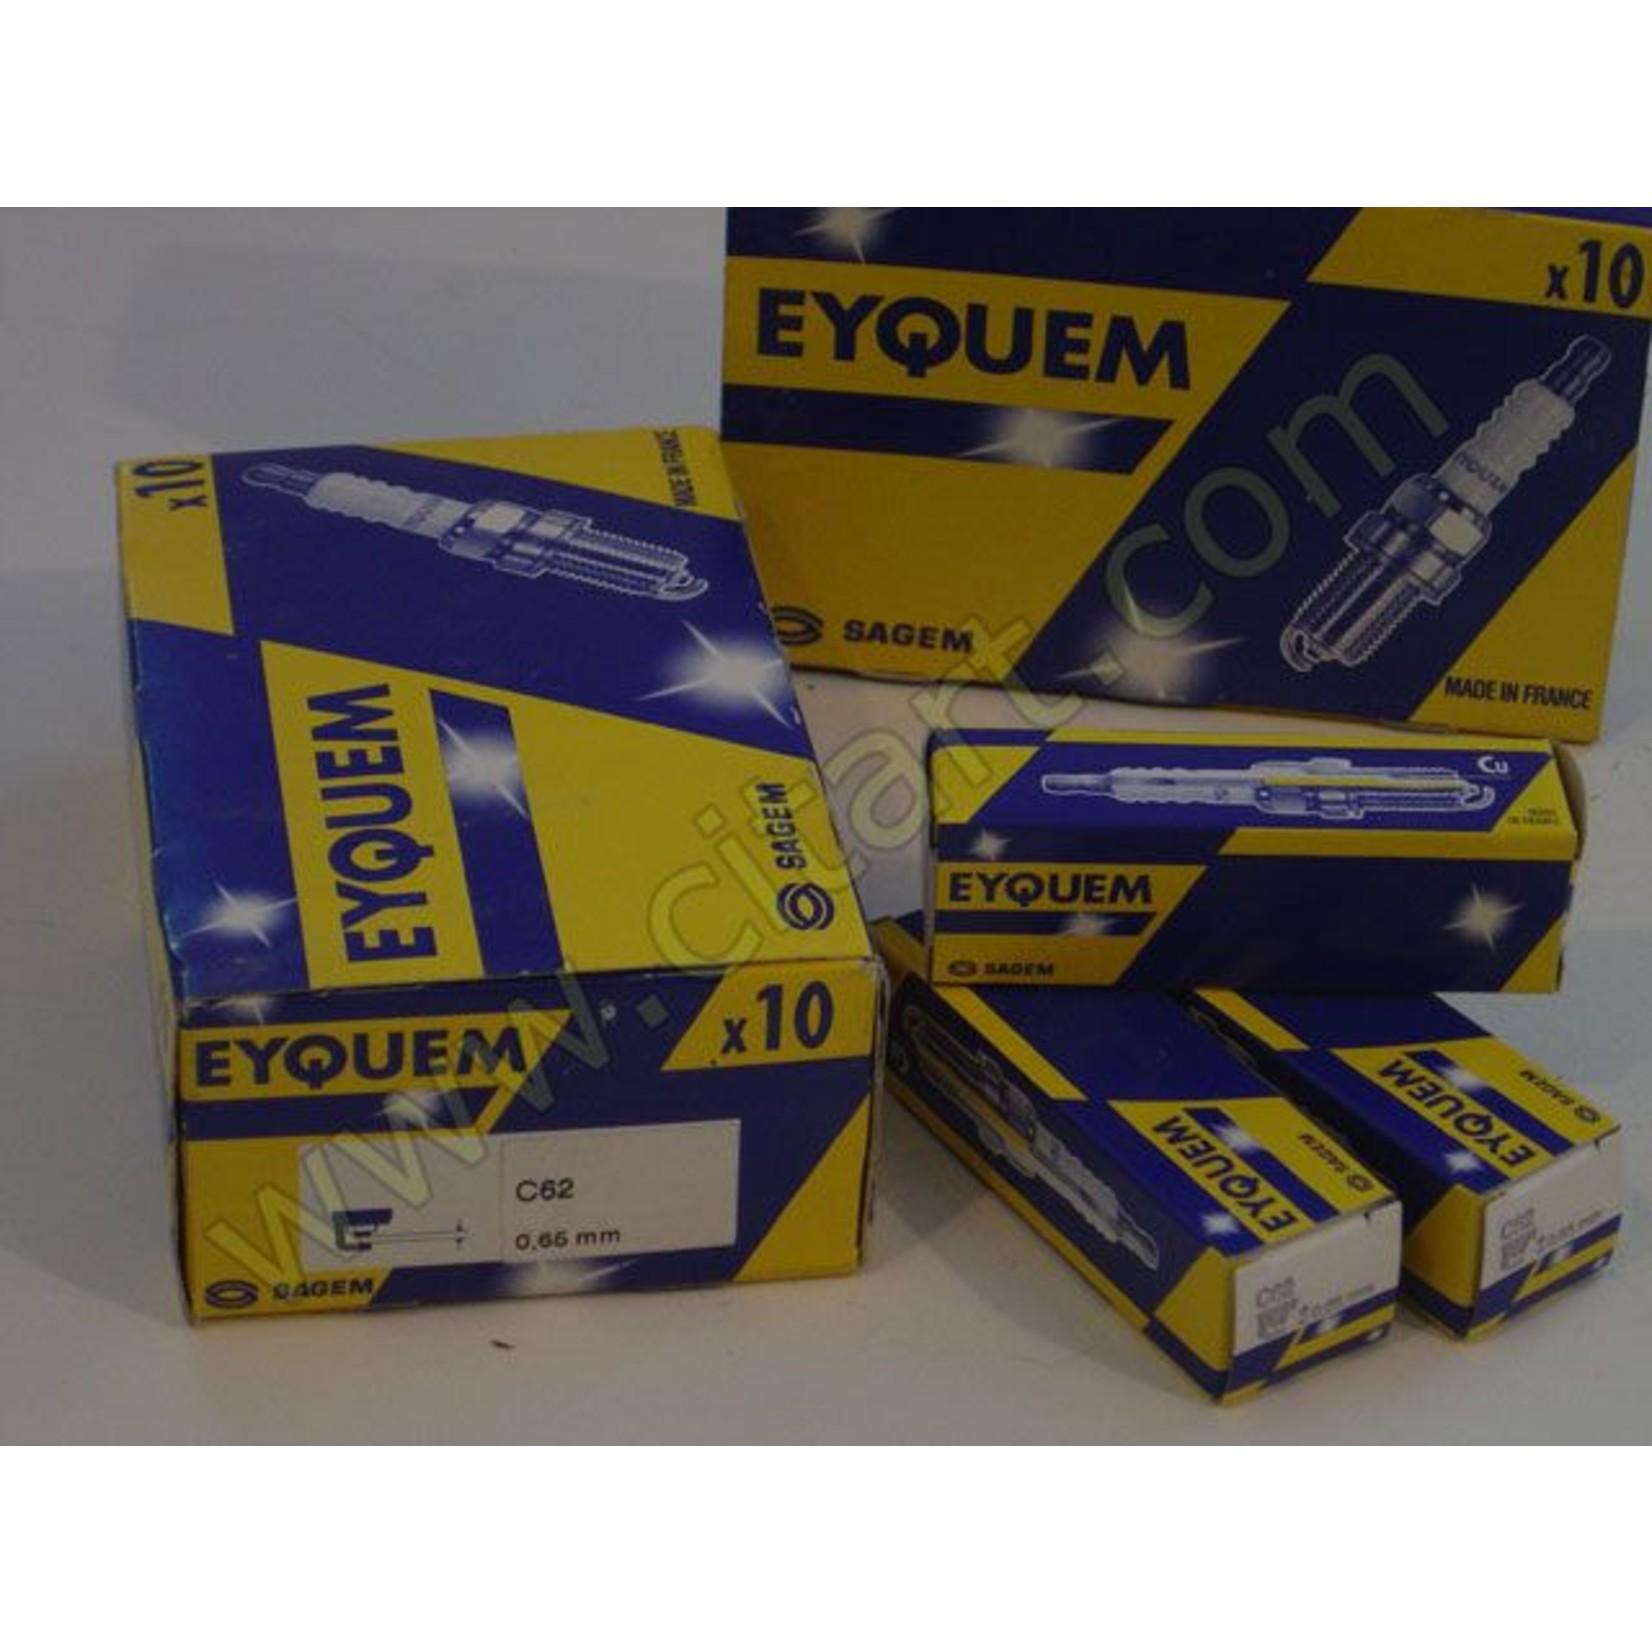 Bougie eyquem Eyquem Nr Org: 5403277